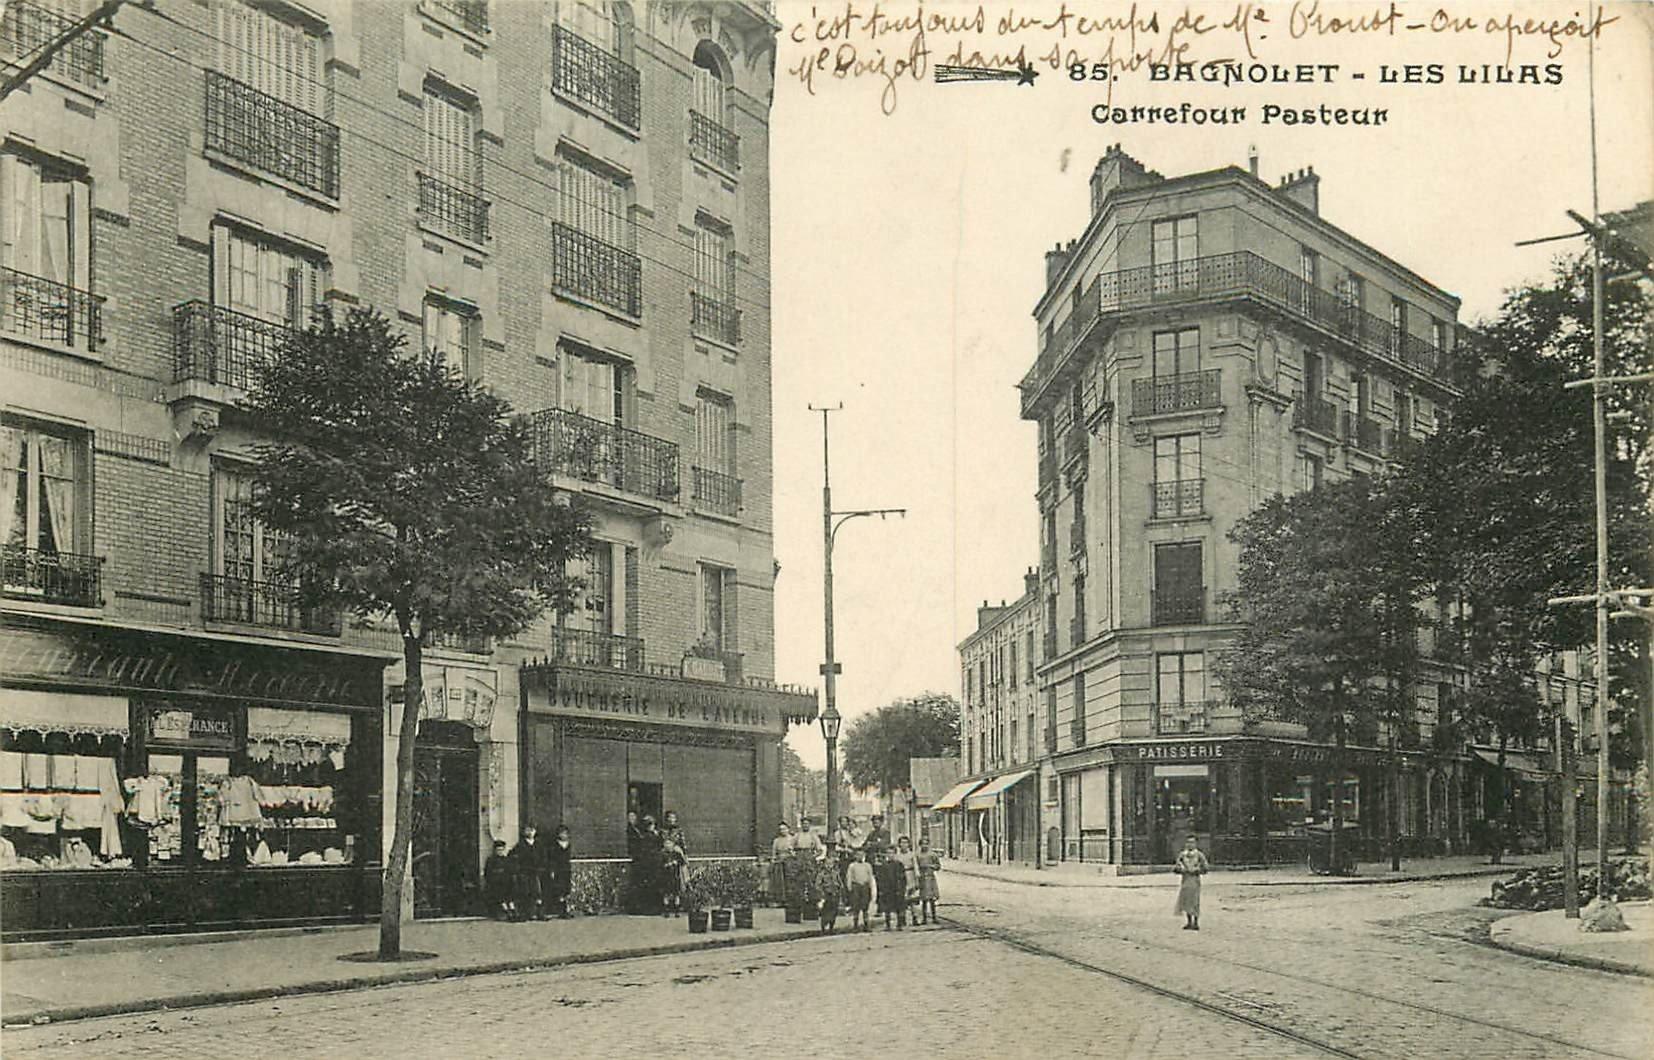 93 BAGNOLET LES LILAS. Carrefour Pasteur et Rue de Noisy-le-Sec. Pâtisserie et Boucherie